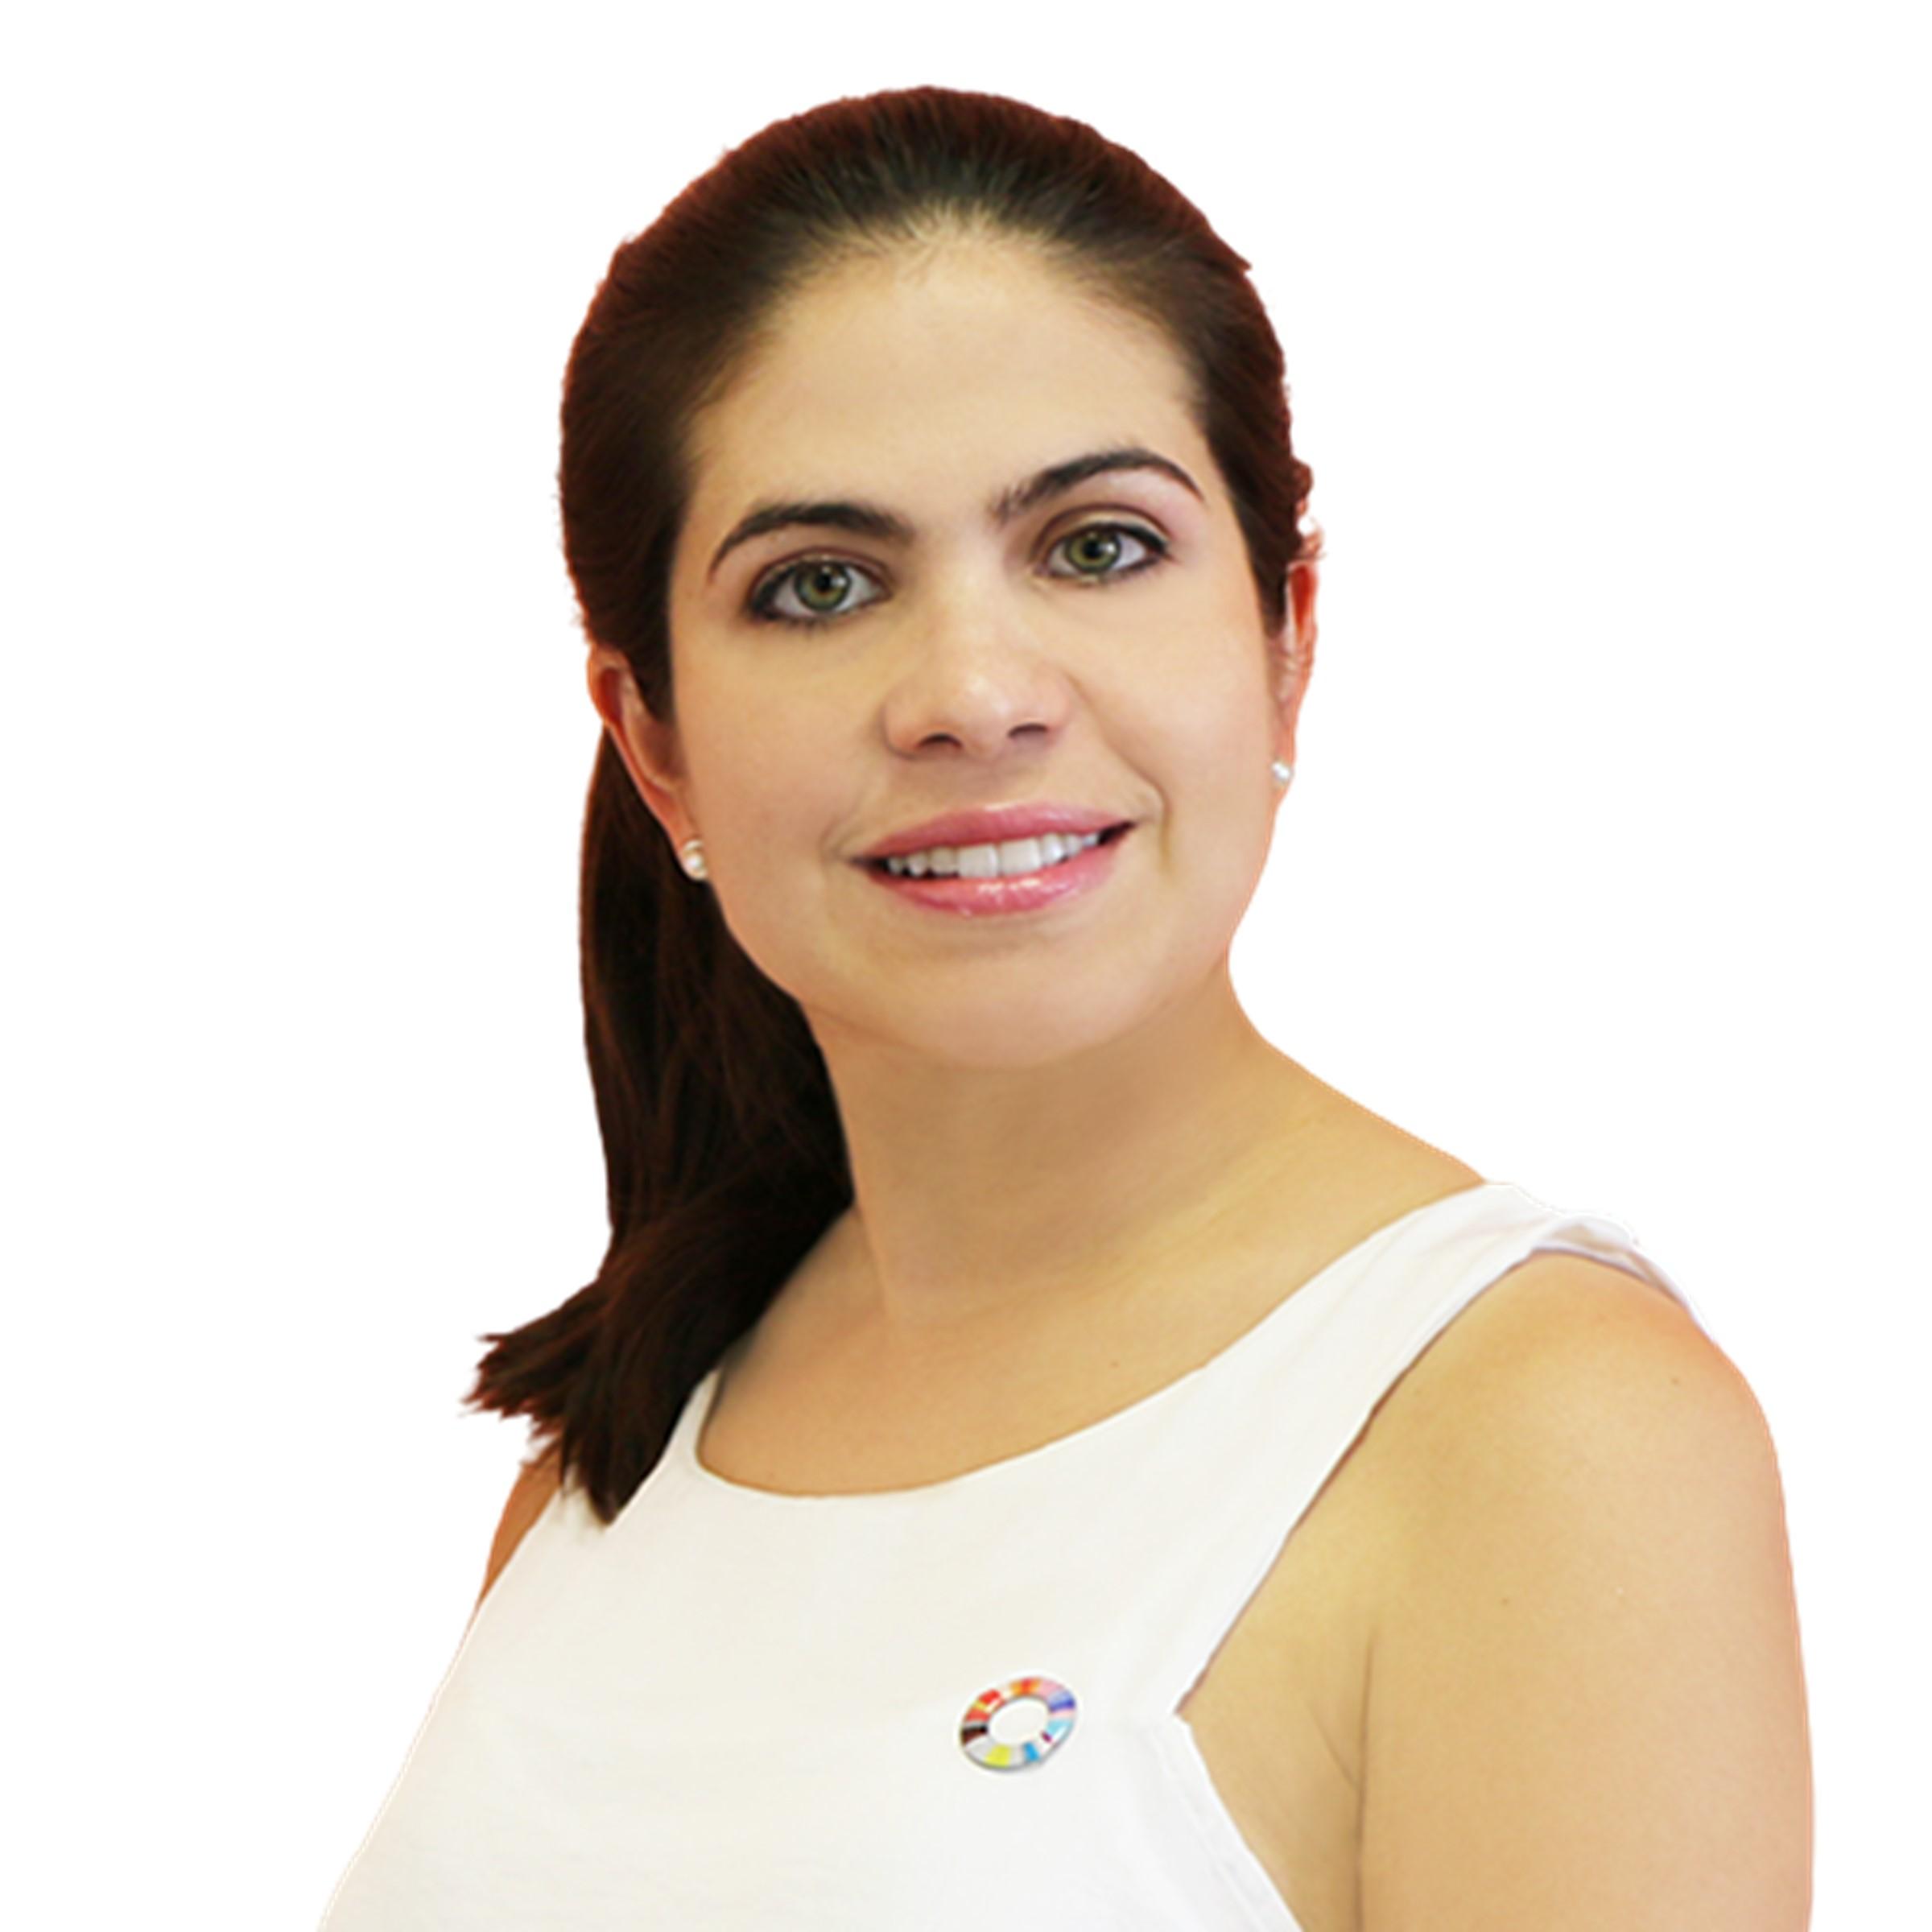 Cristina A. Fernandez